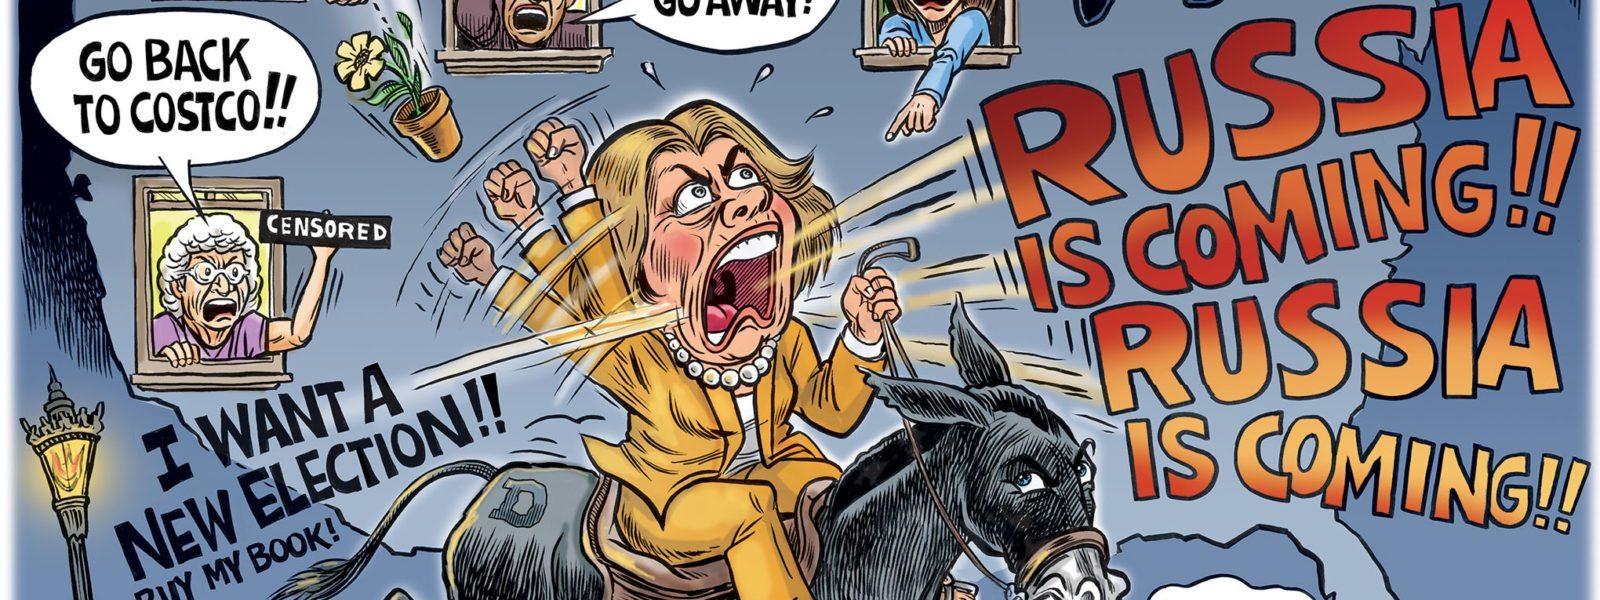 Hillary Revere